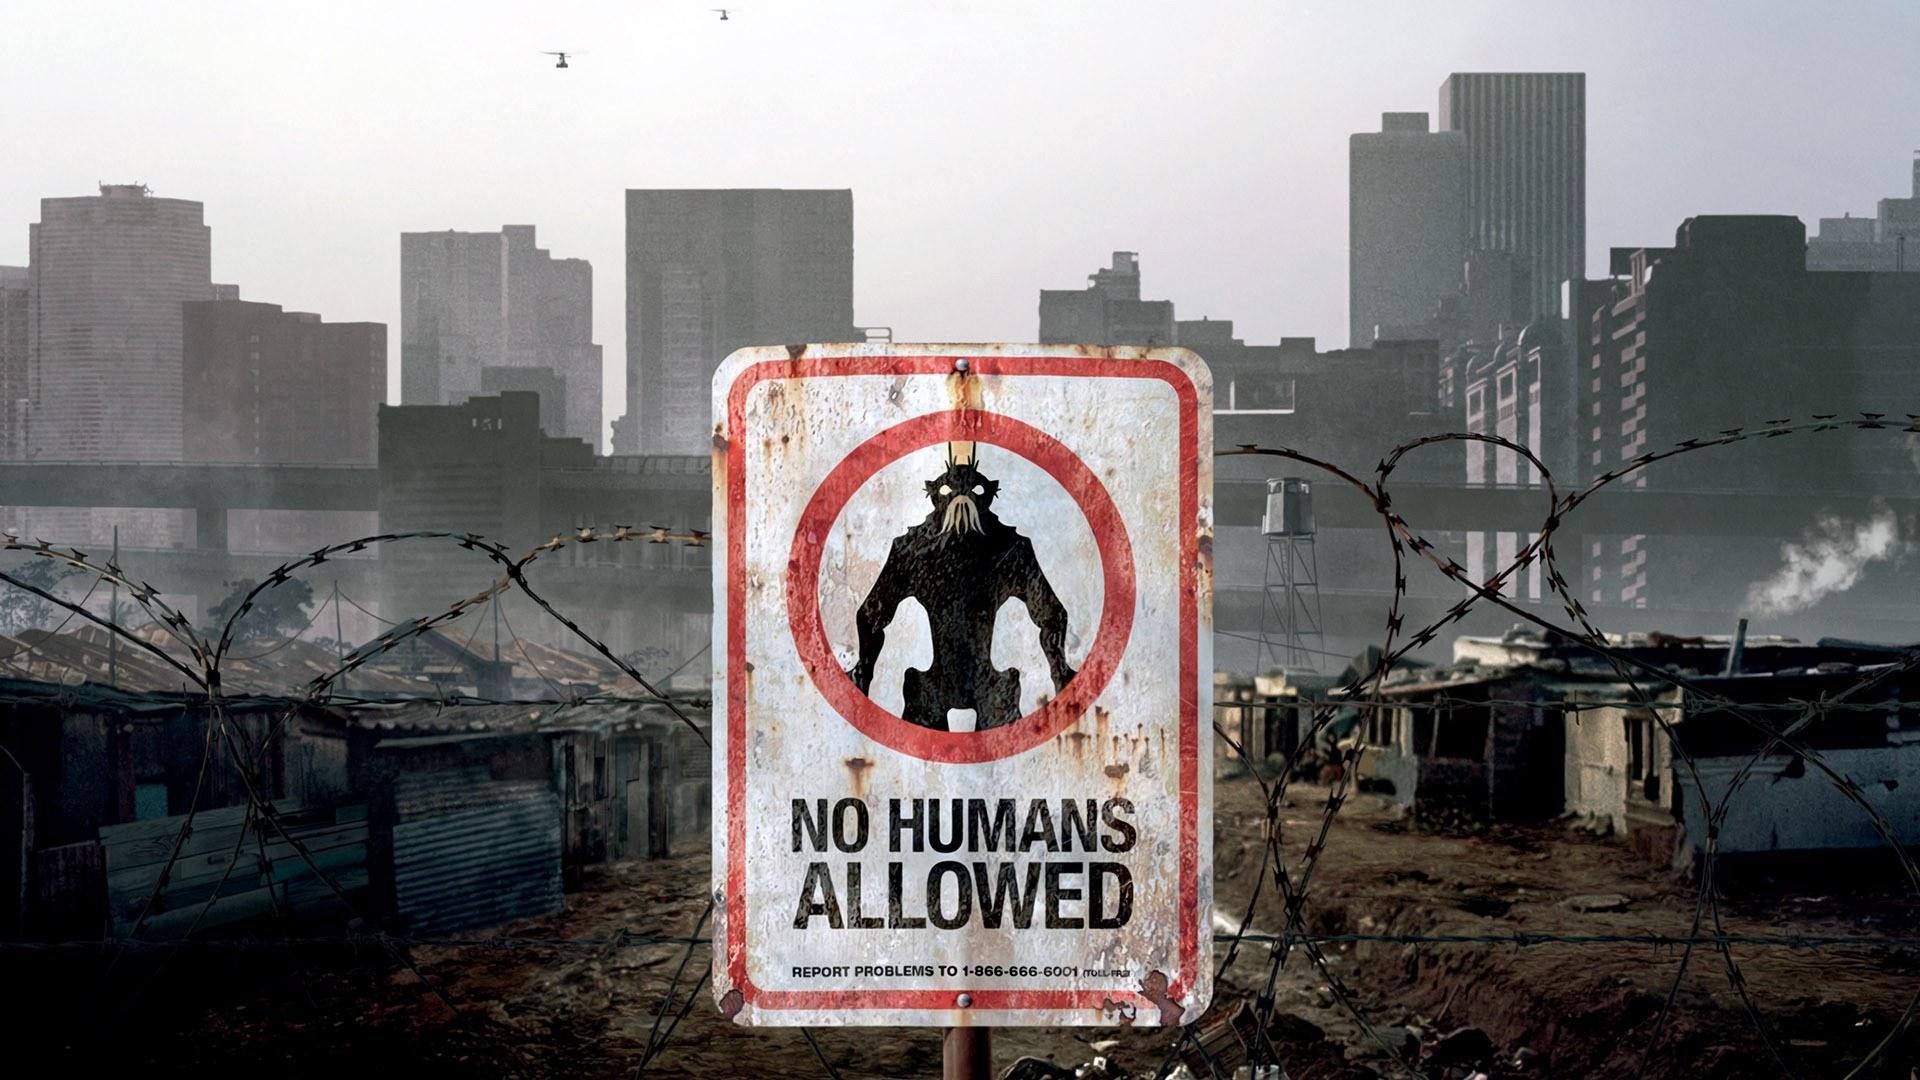 Πλανήτης Γη: Αν οι άνθρωποι εξαφανίζονταν ξαφνικά (vid)